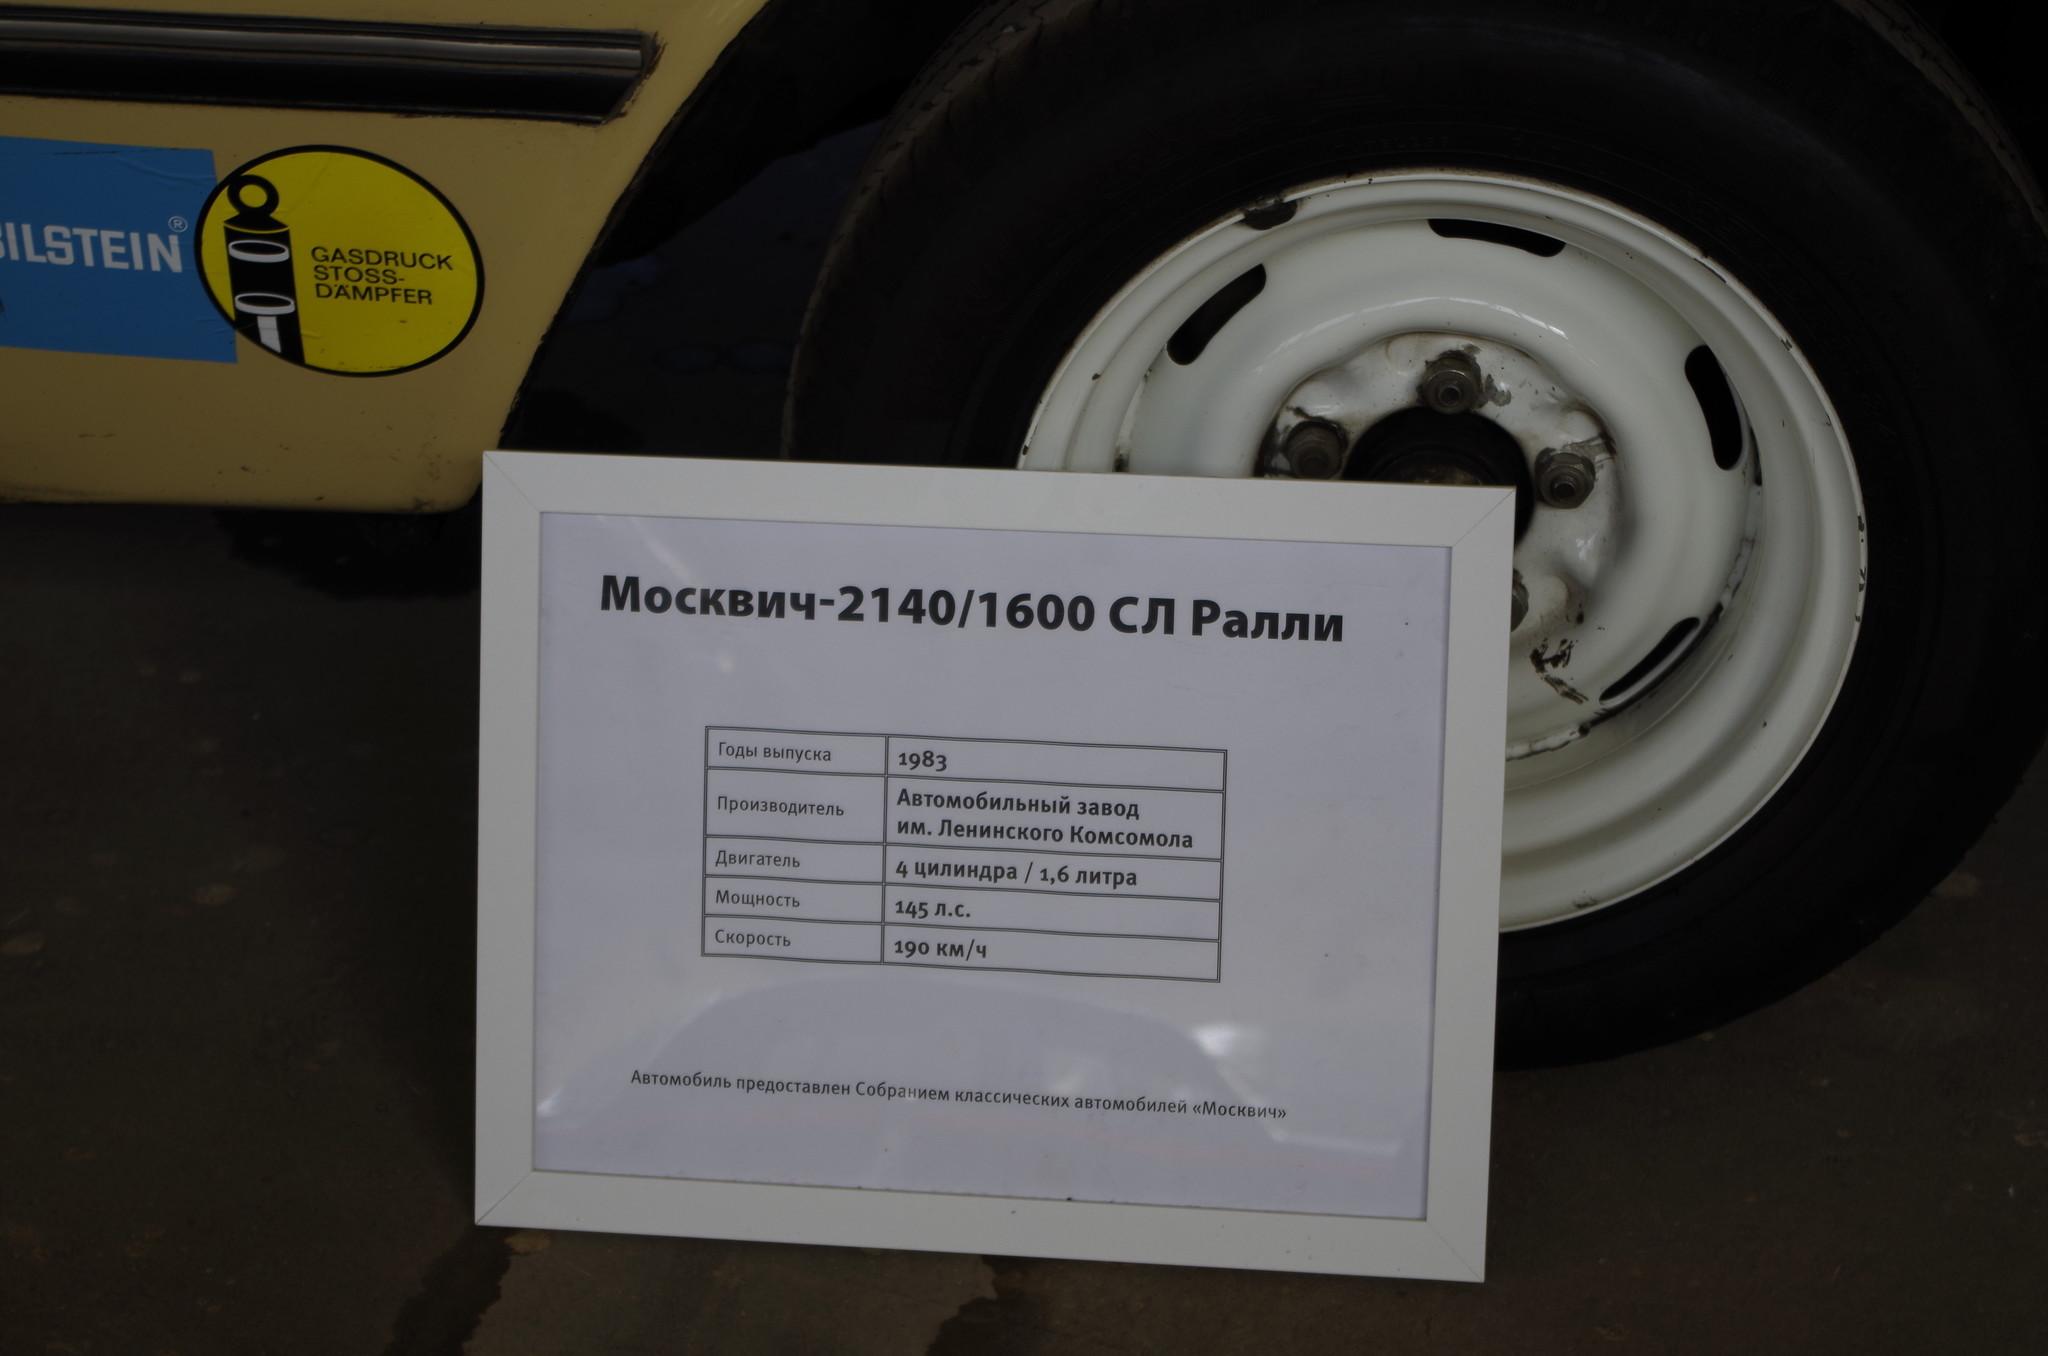 Выставка «Автомобильная промышленность» на ВДНХ